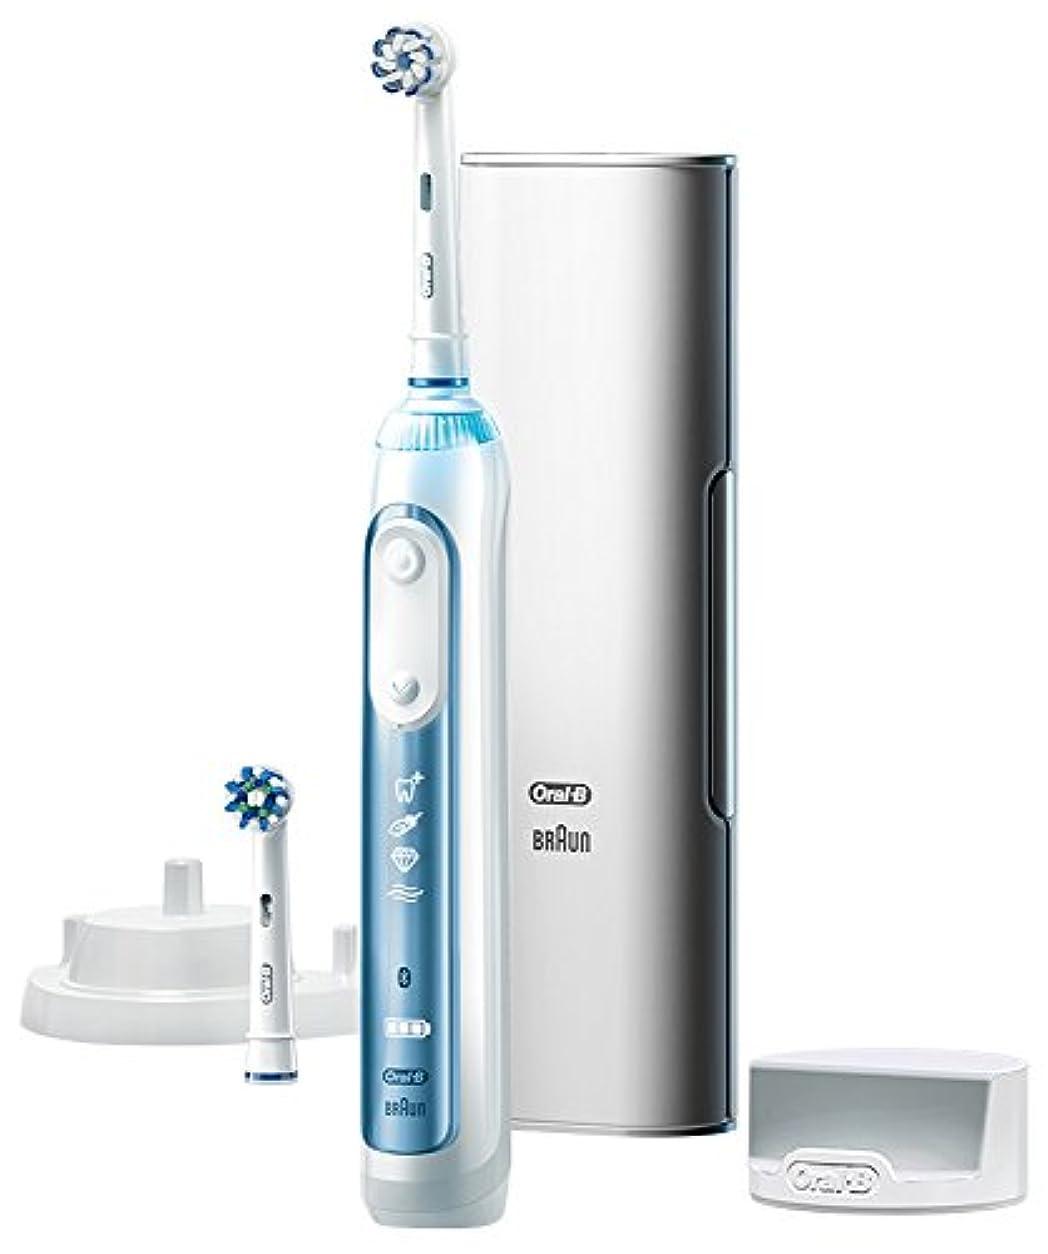 空いている本土鈍いブラウン オーラルB 電動歯ブラシ スマート7000 D7005245XP D7005245XP